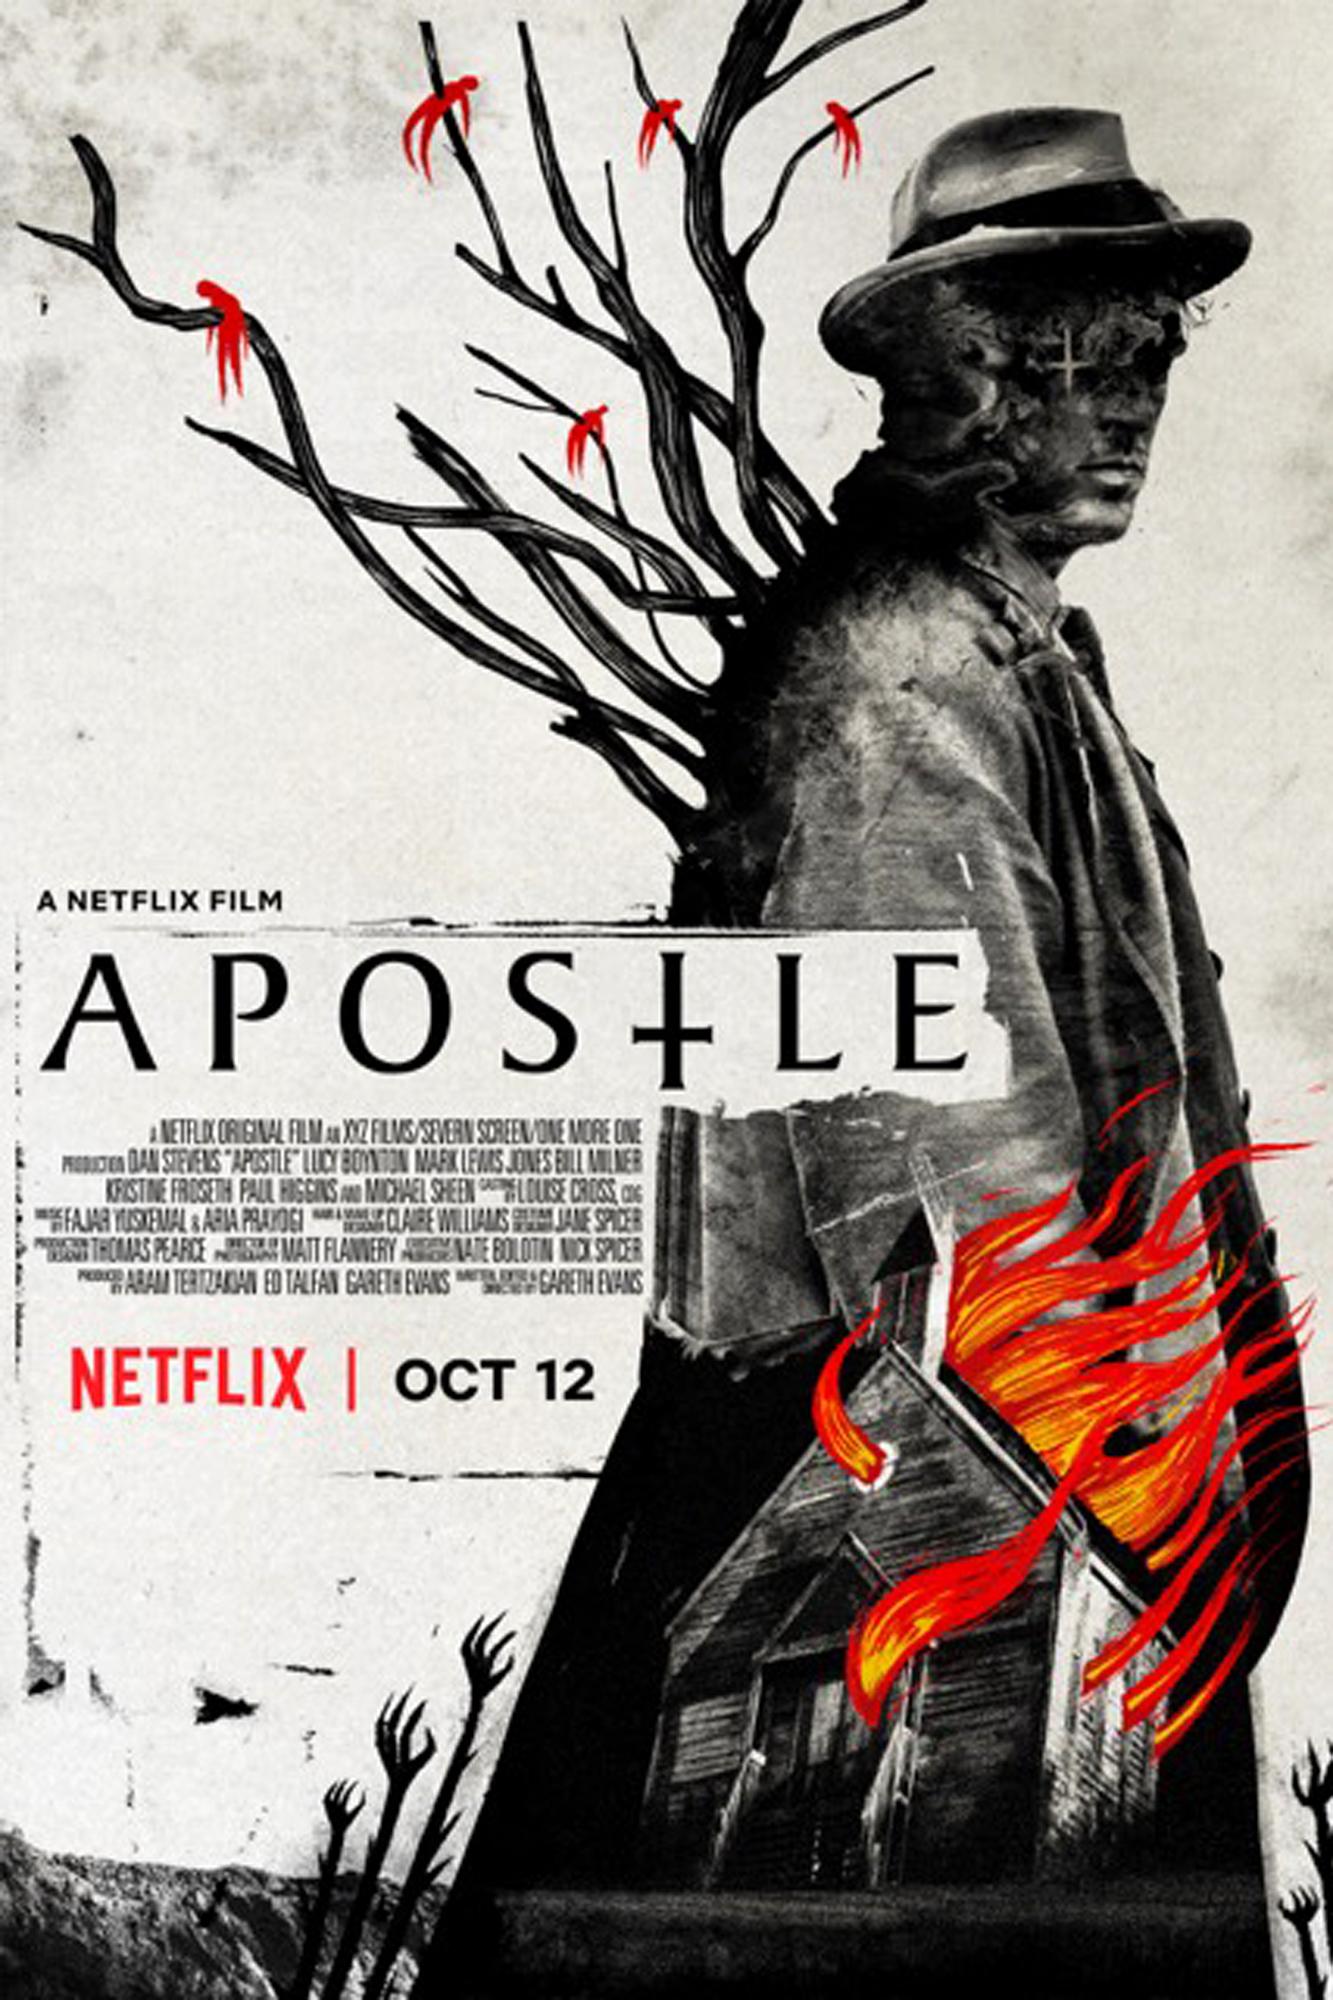 ApostleCredit: Netflix